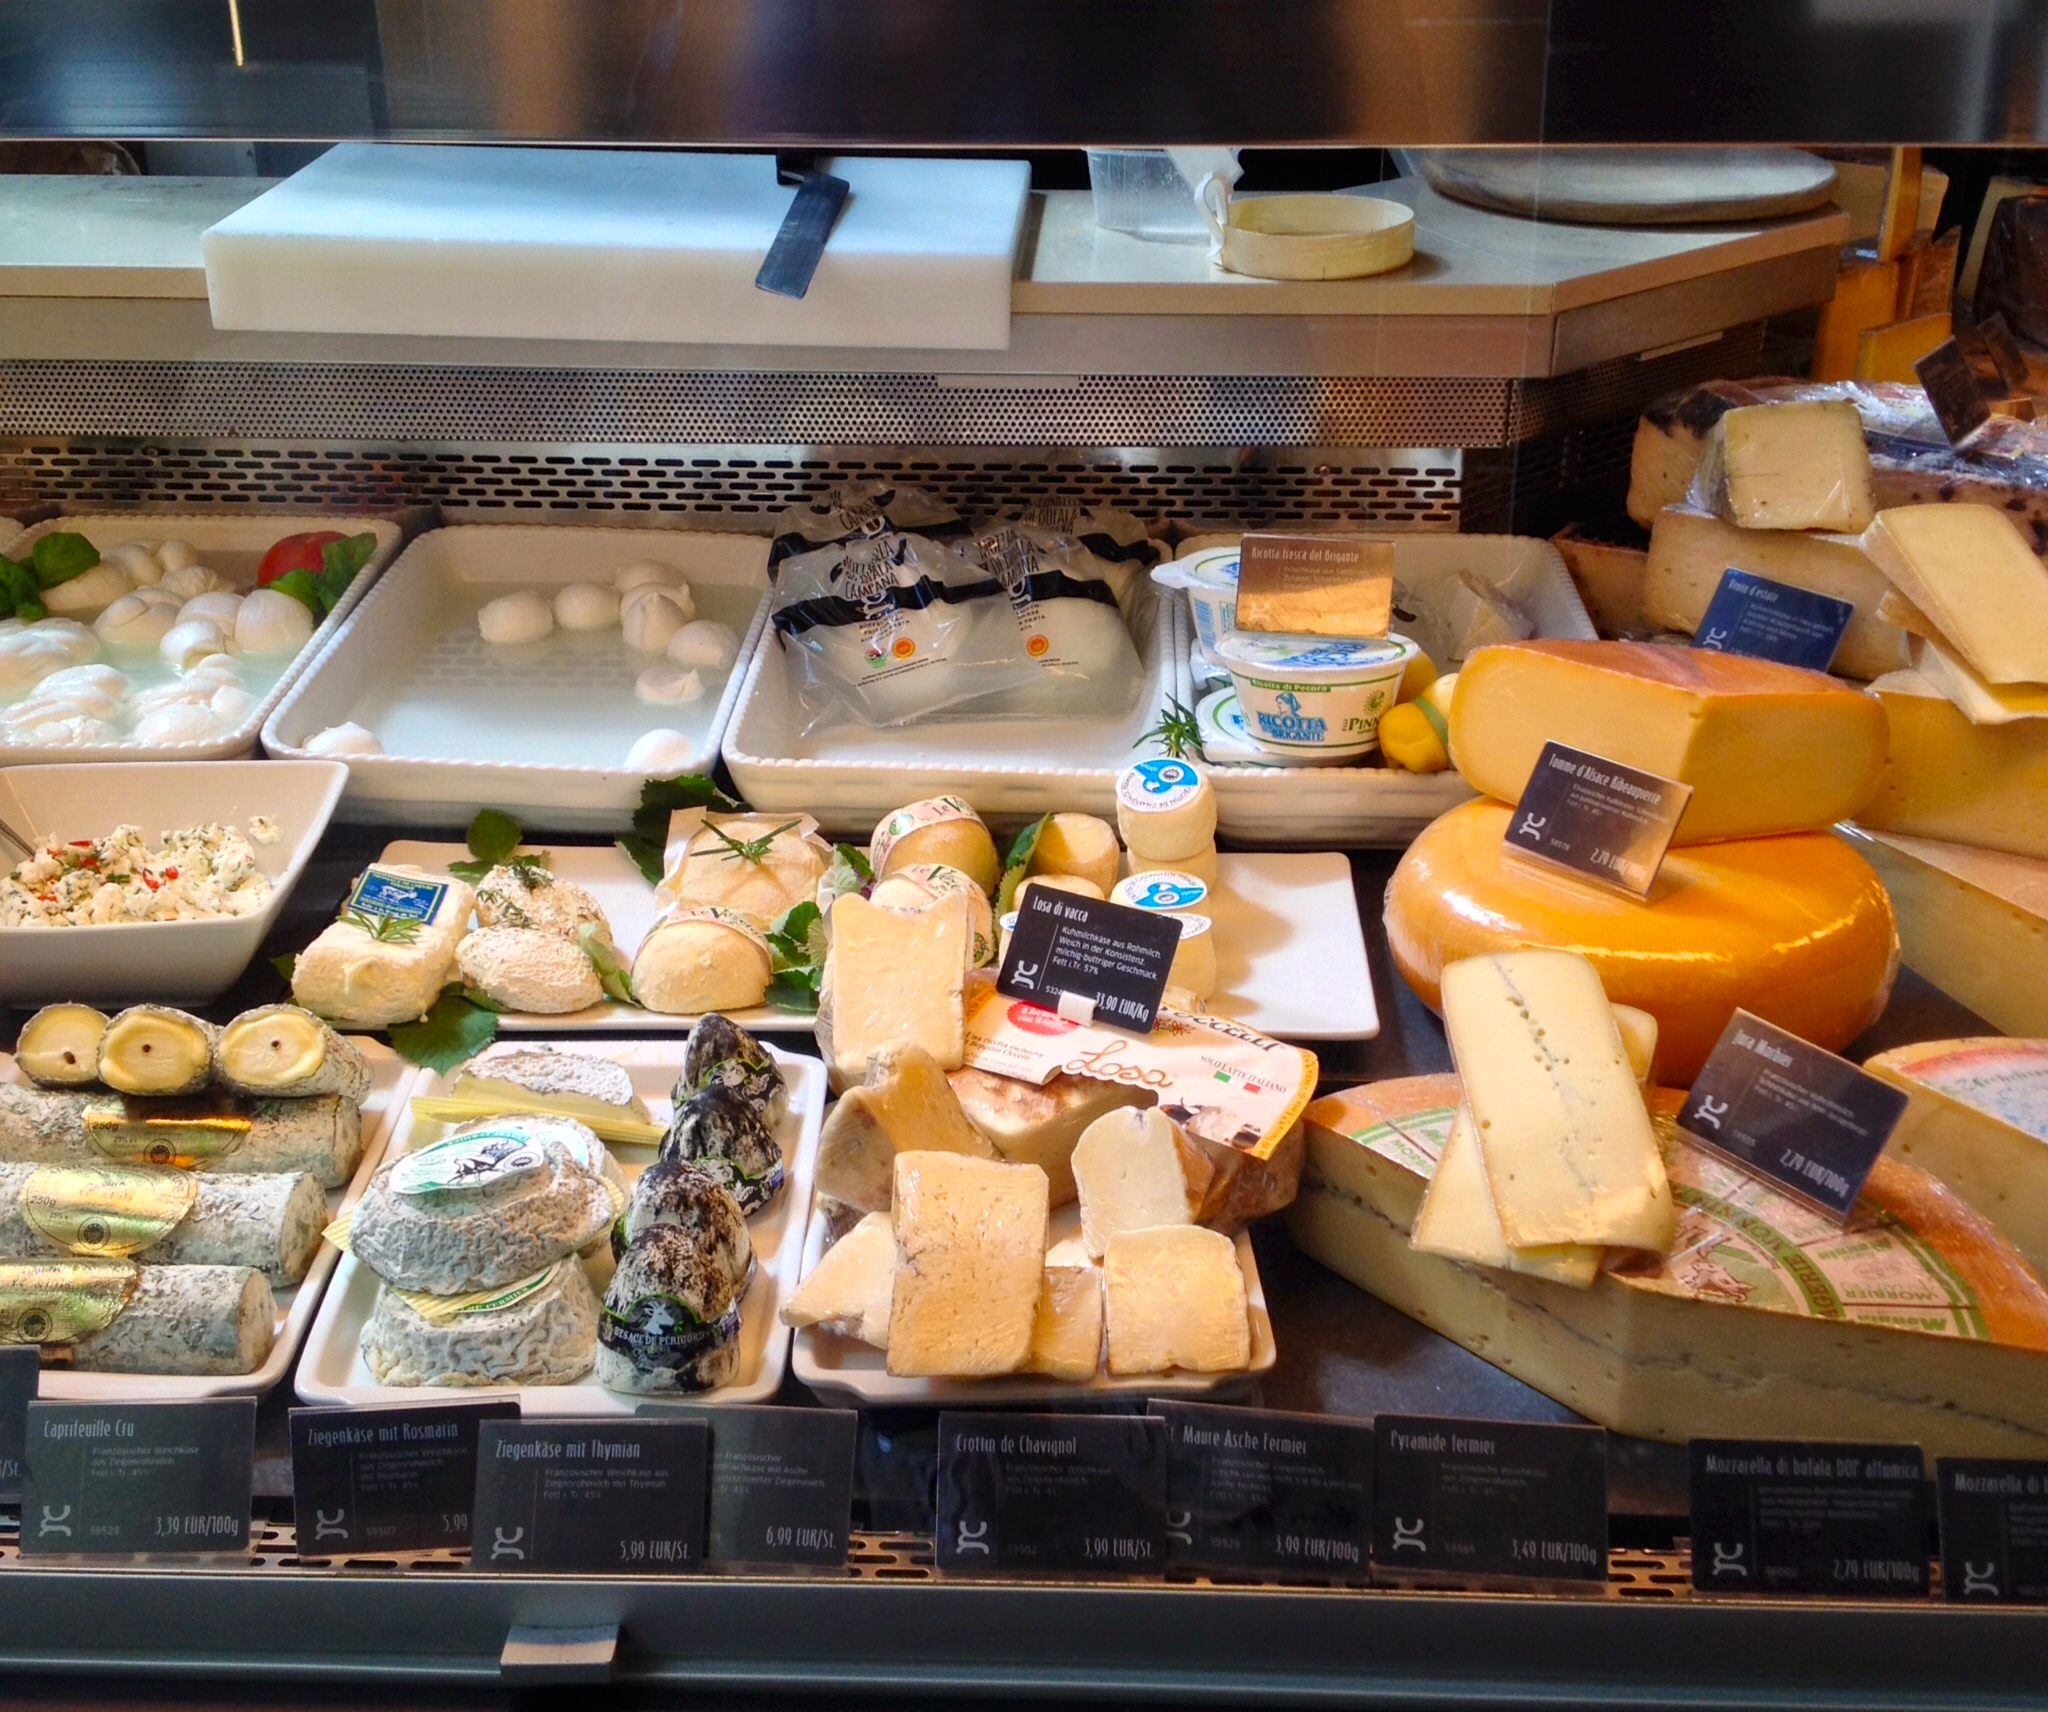 Fresh cheese at Di Gennaro